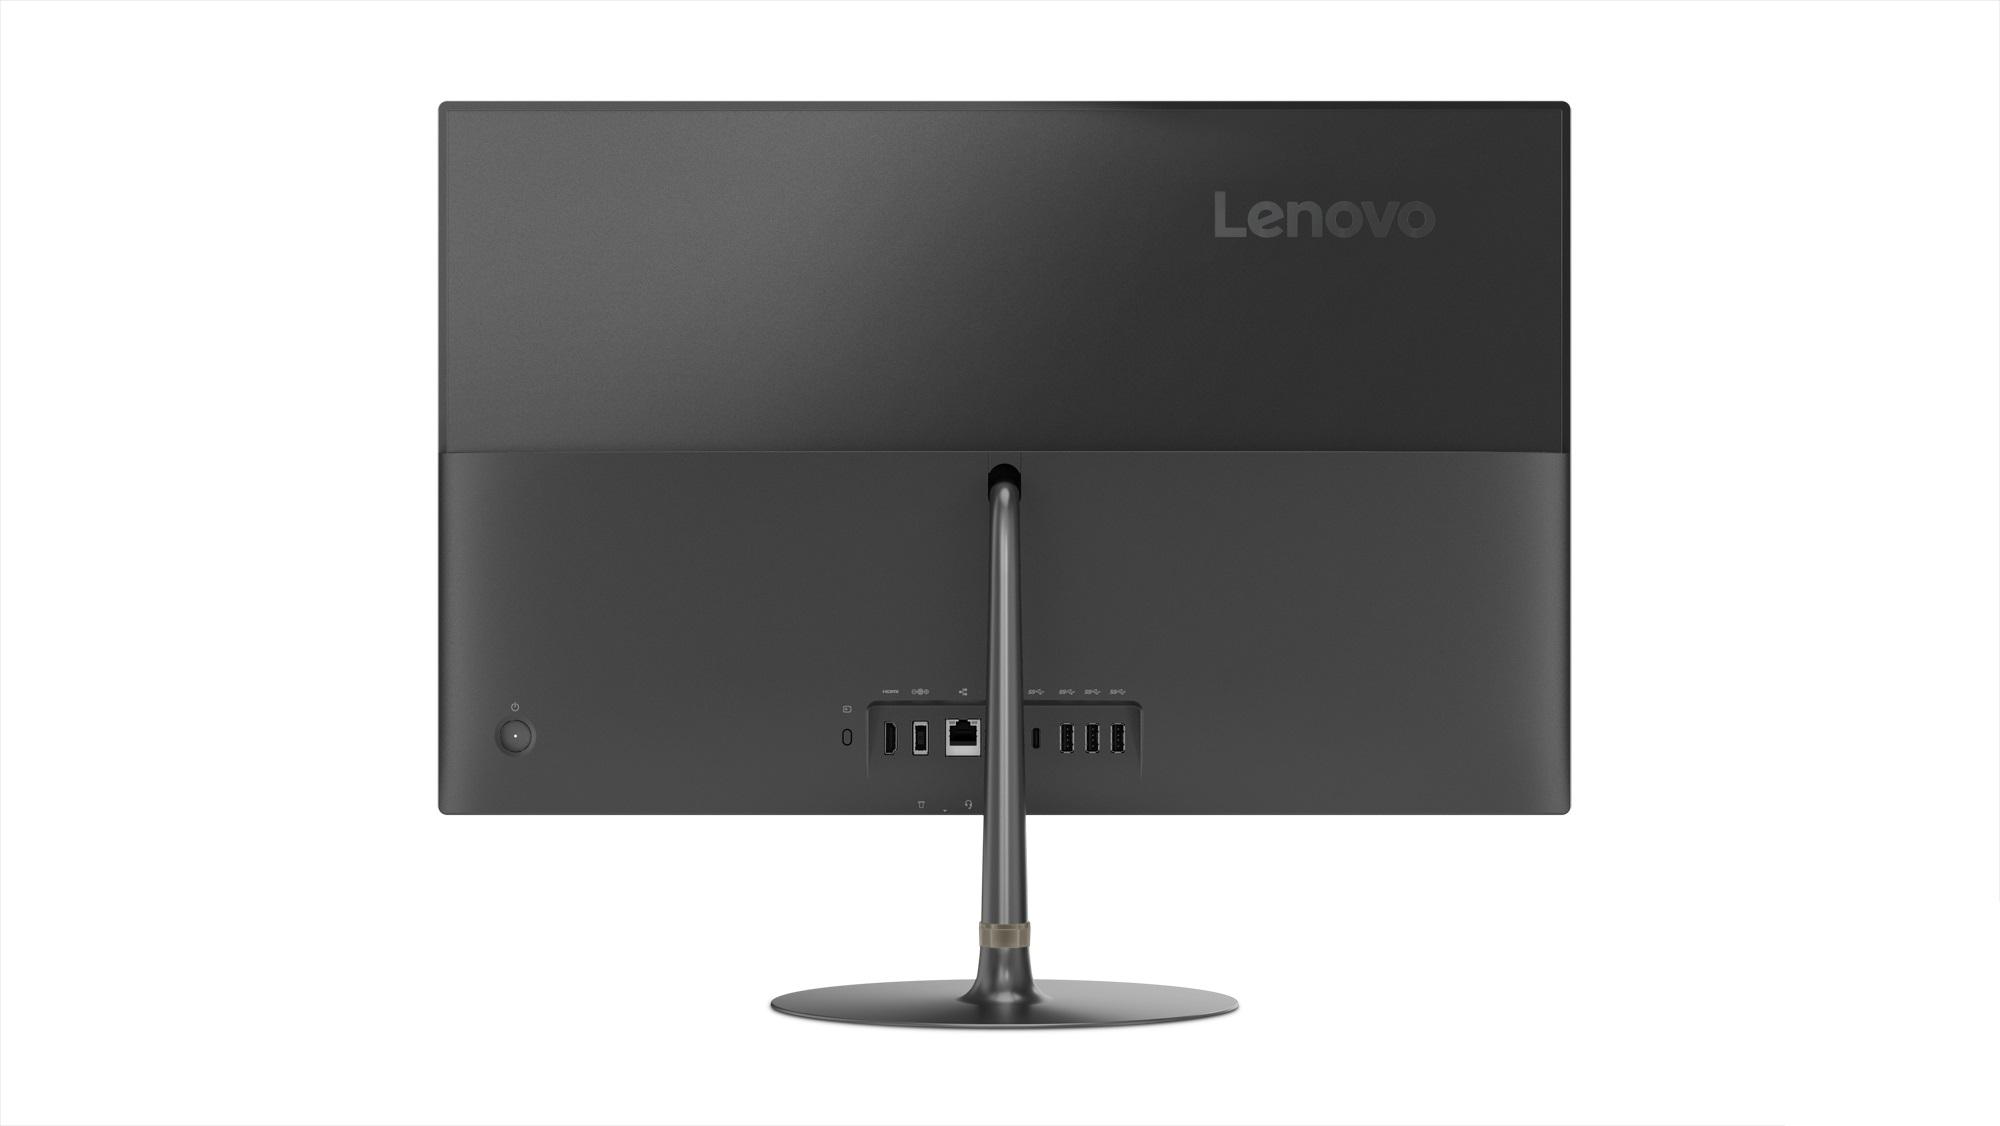 Фото  Моноблок Lenovo ideacentre 730s-24IKB (F0DY0023UA) Iron Gray